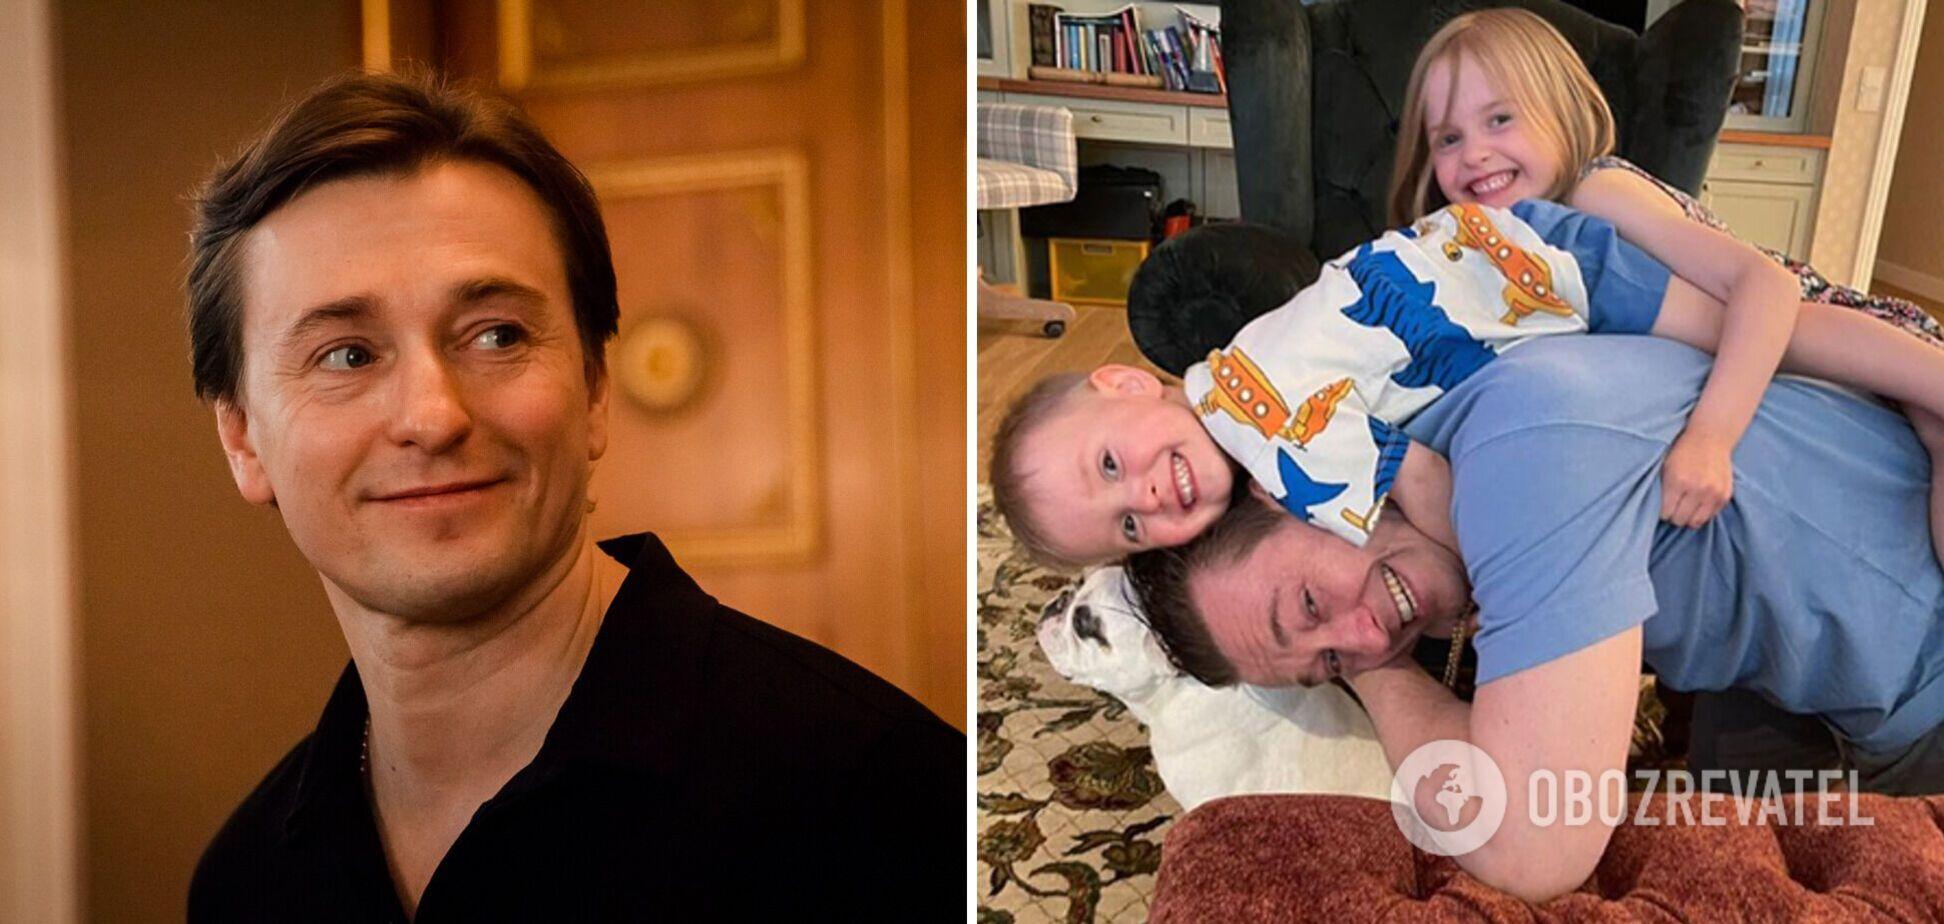 Сергей Безруков станет отцом в пятый раз. Фото